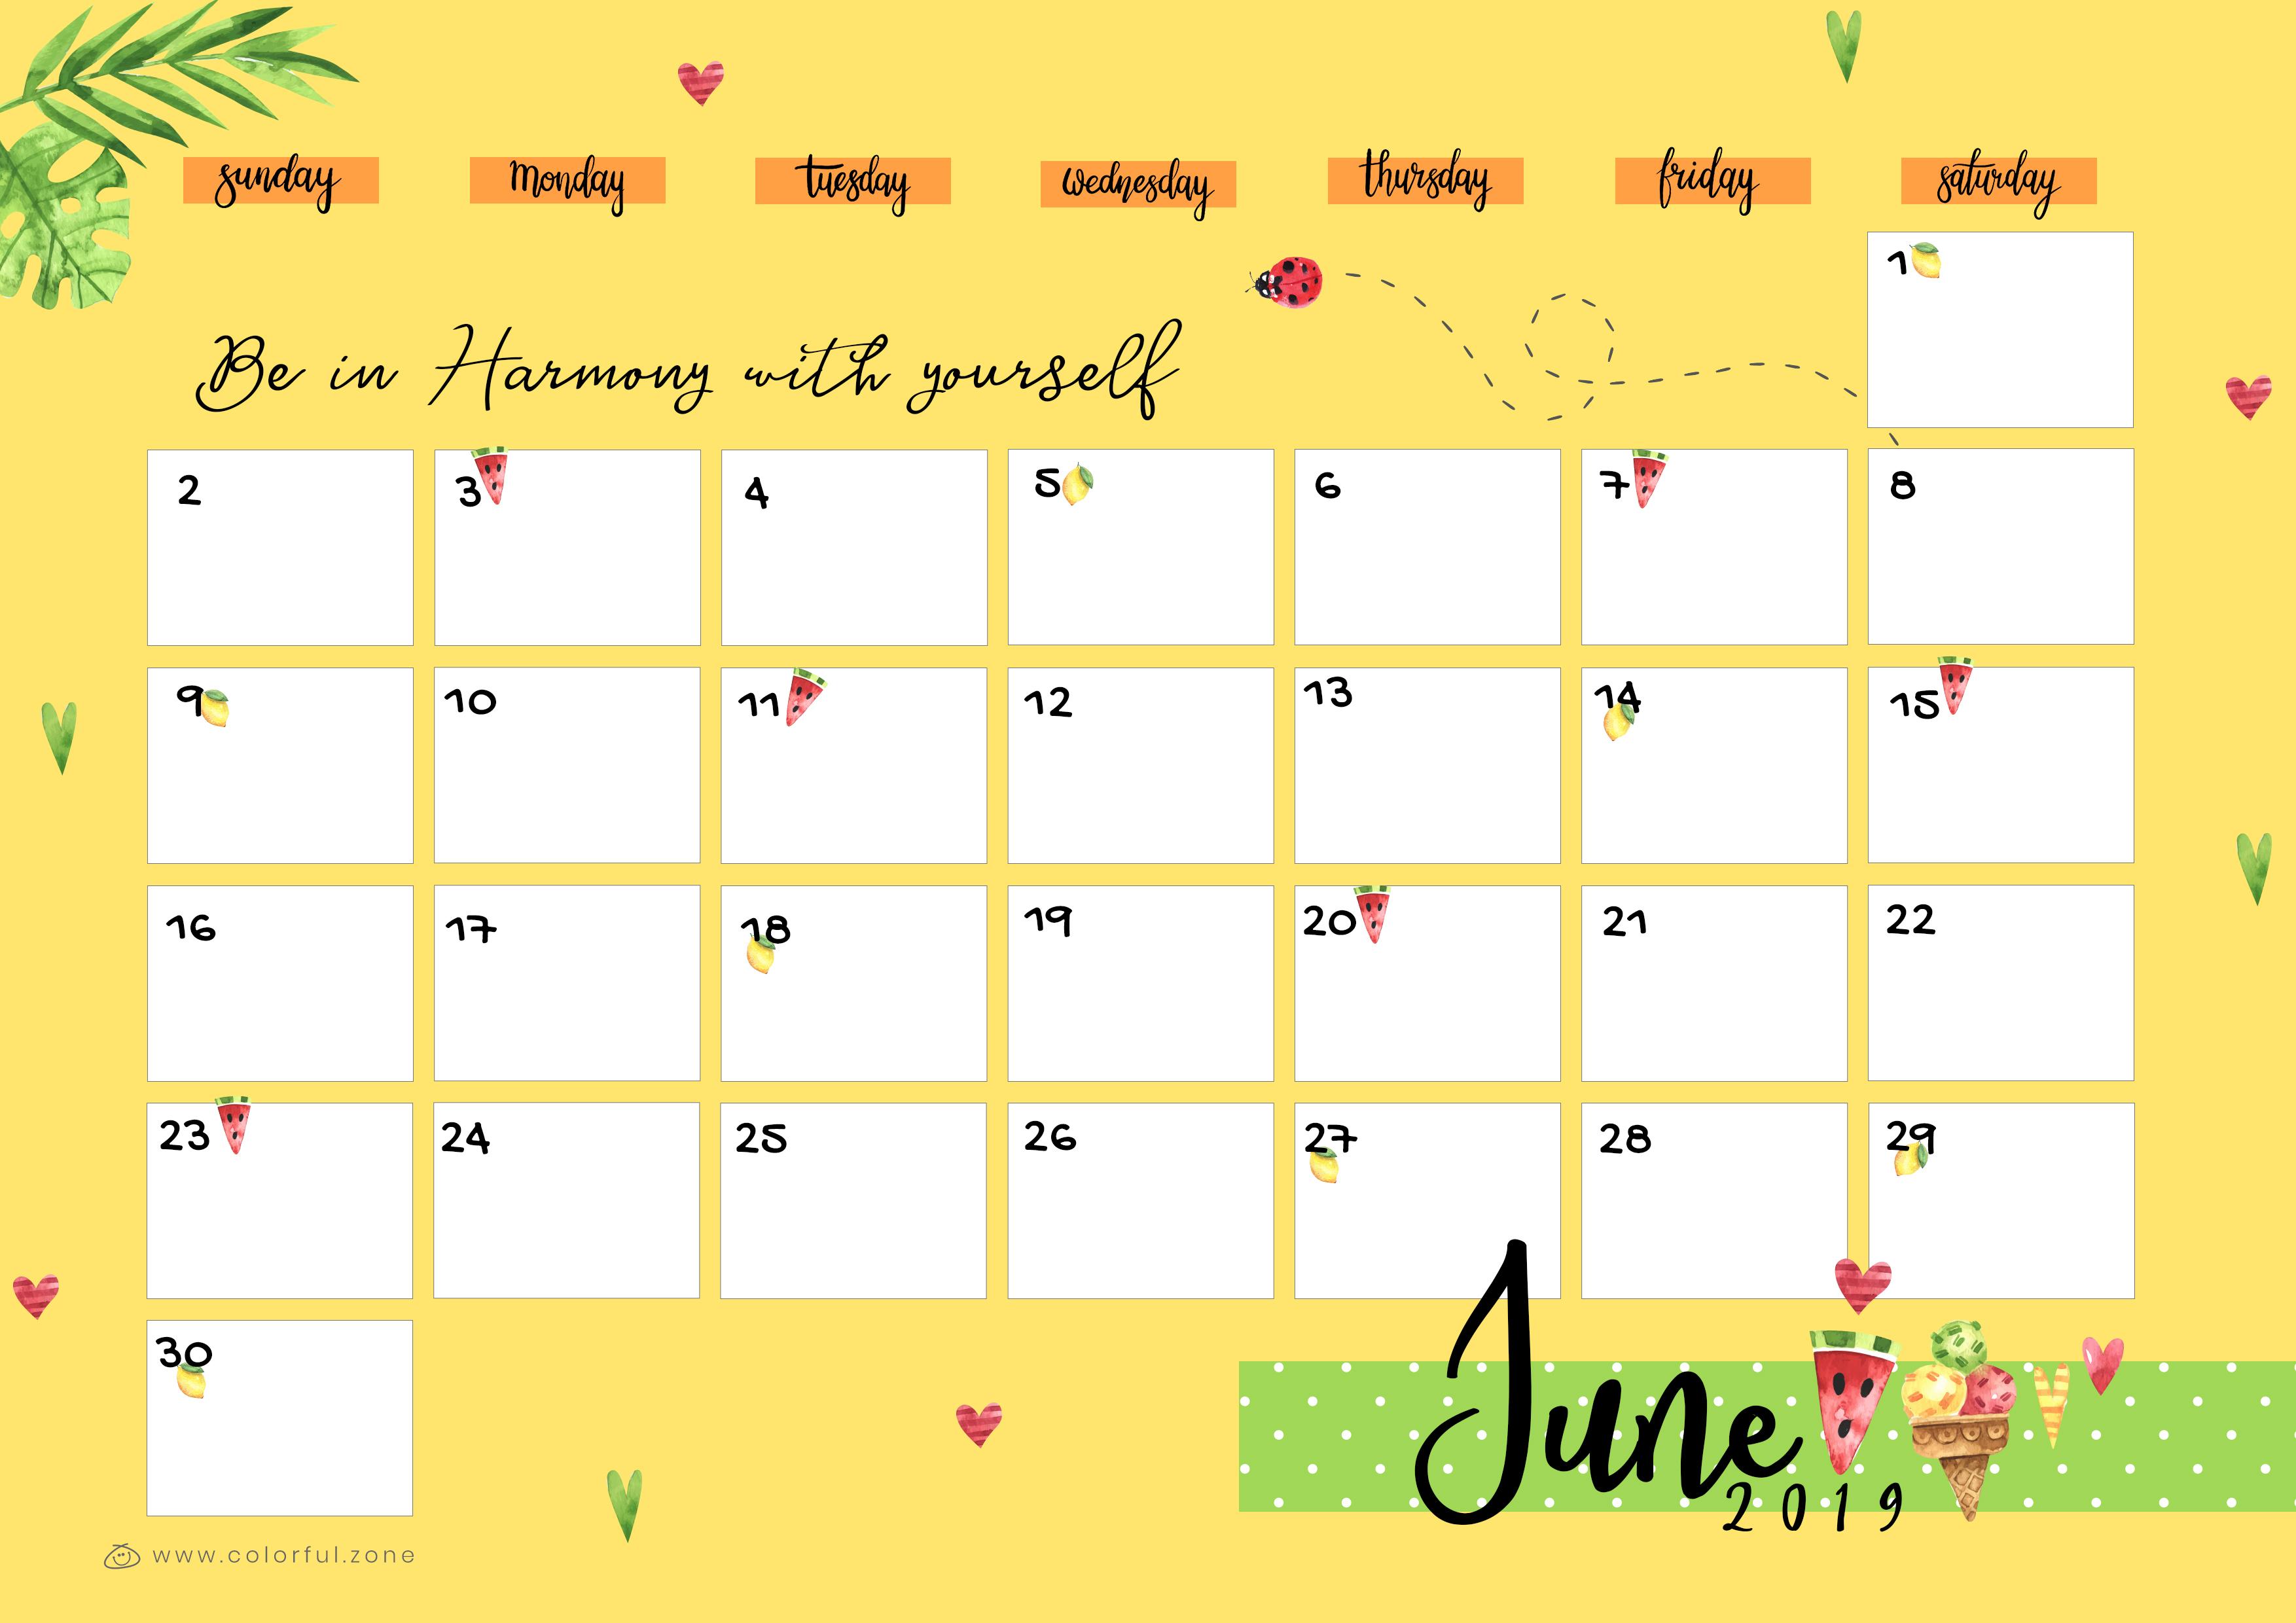 June Printable Colorful Calendar 2019